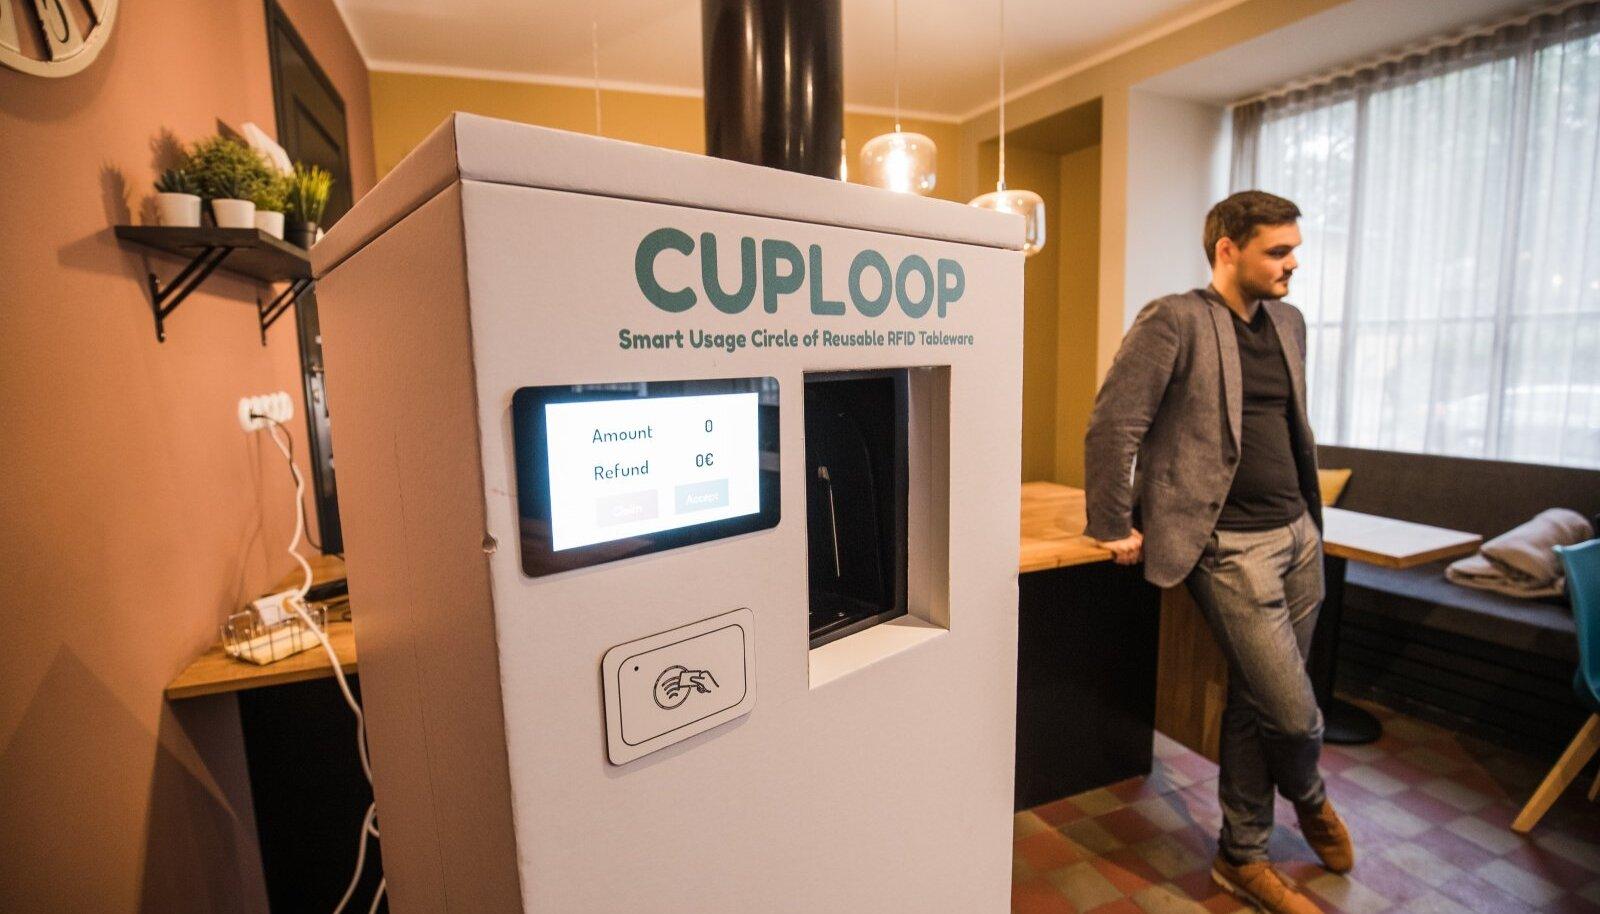 Cuploop